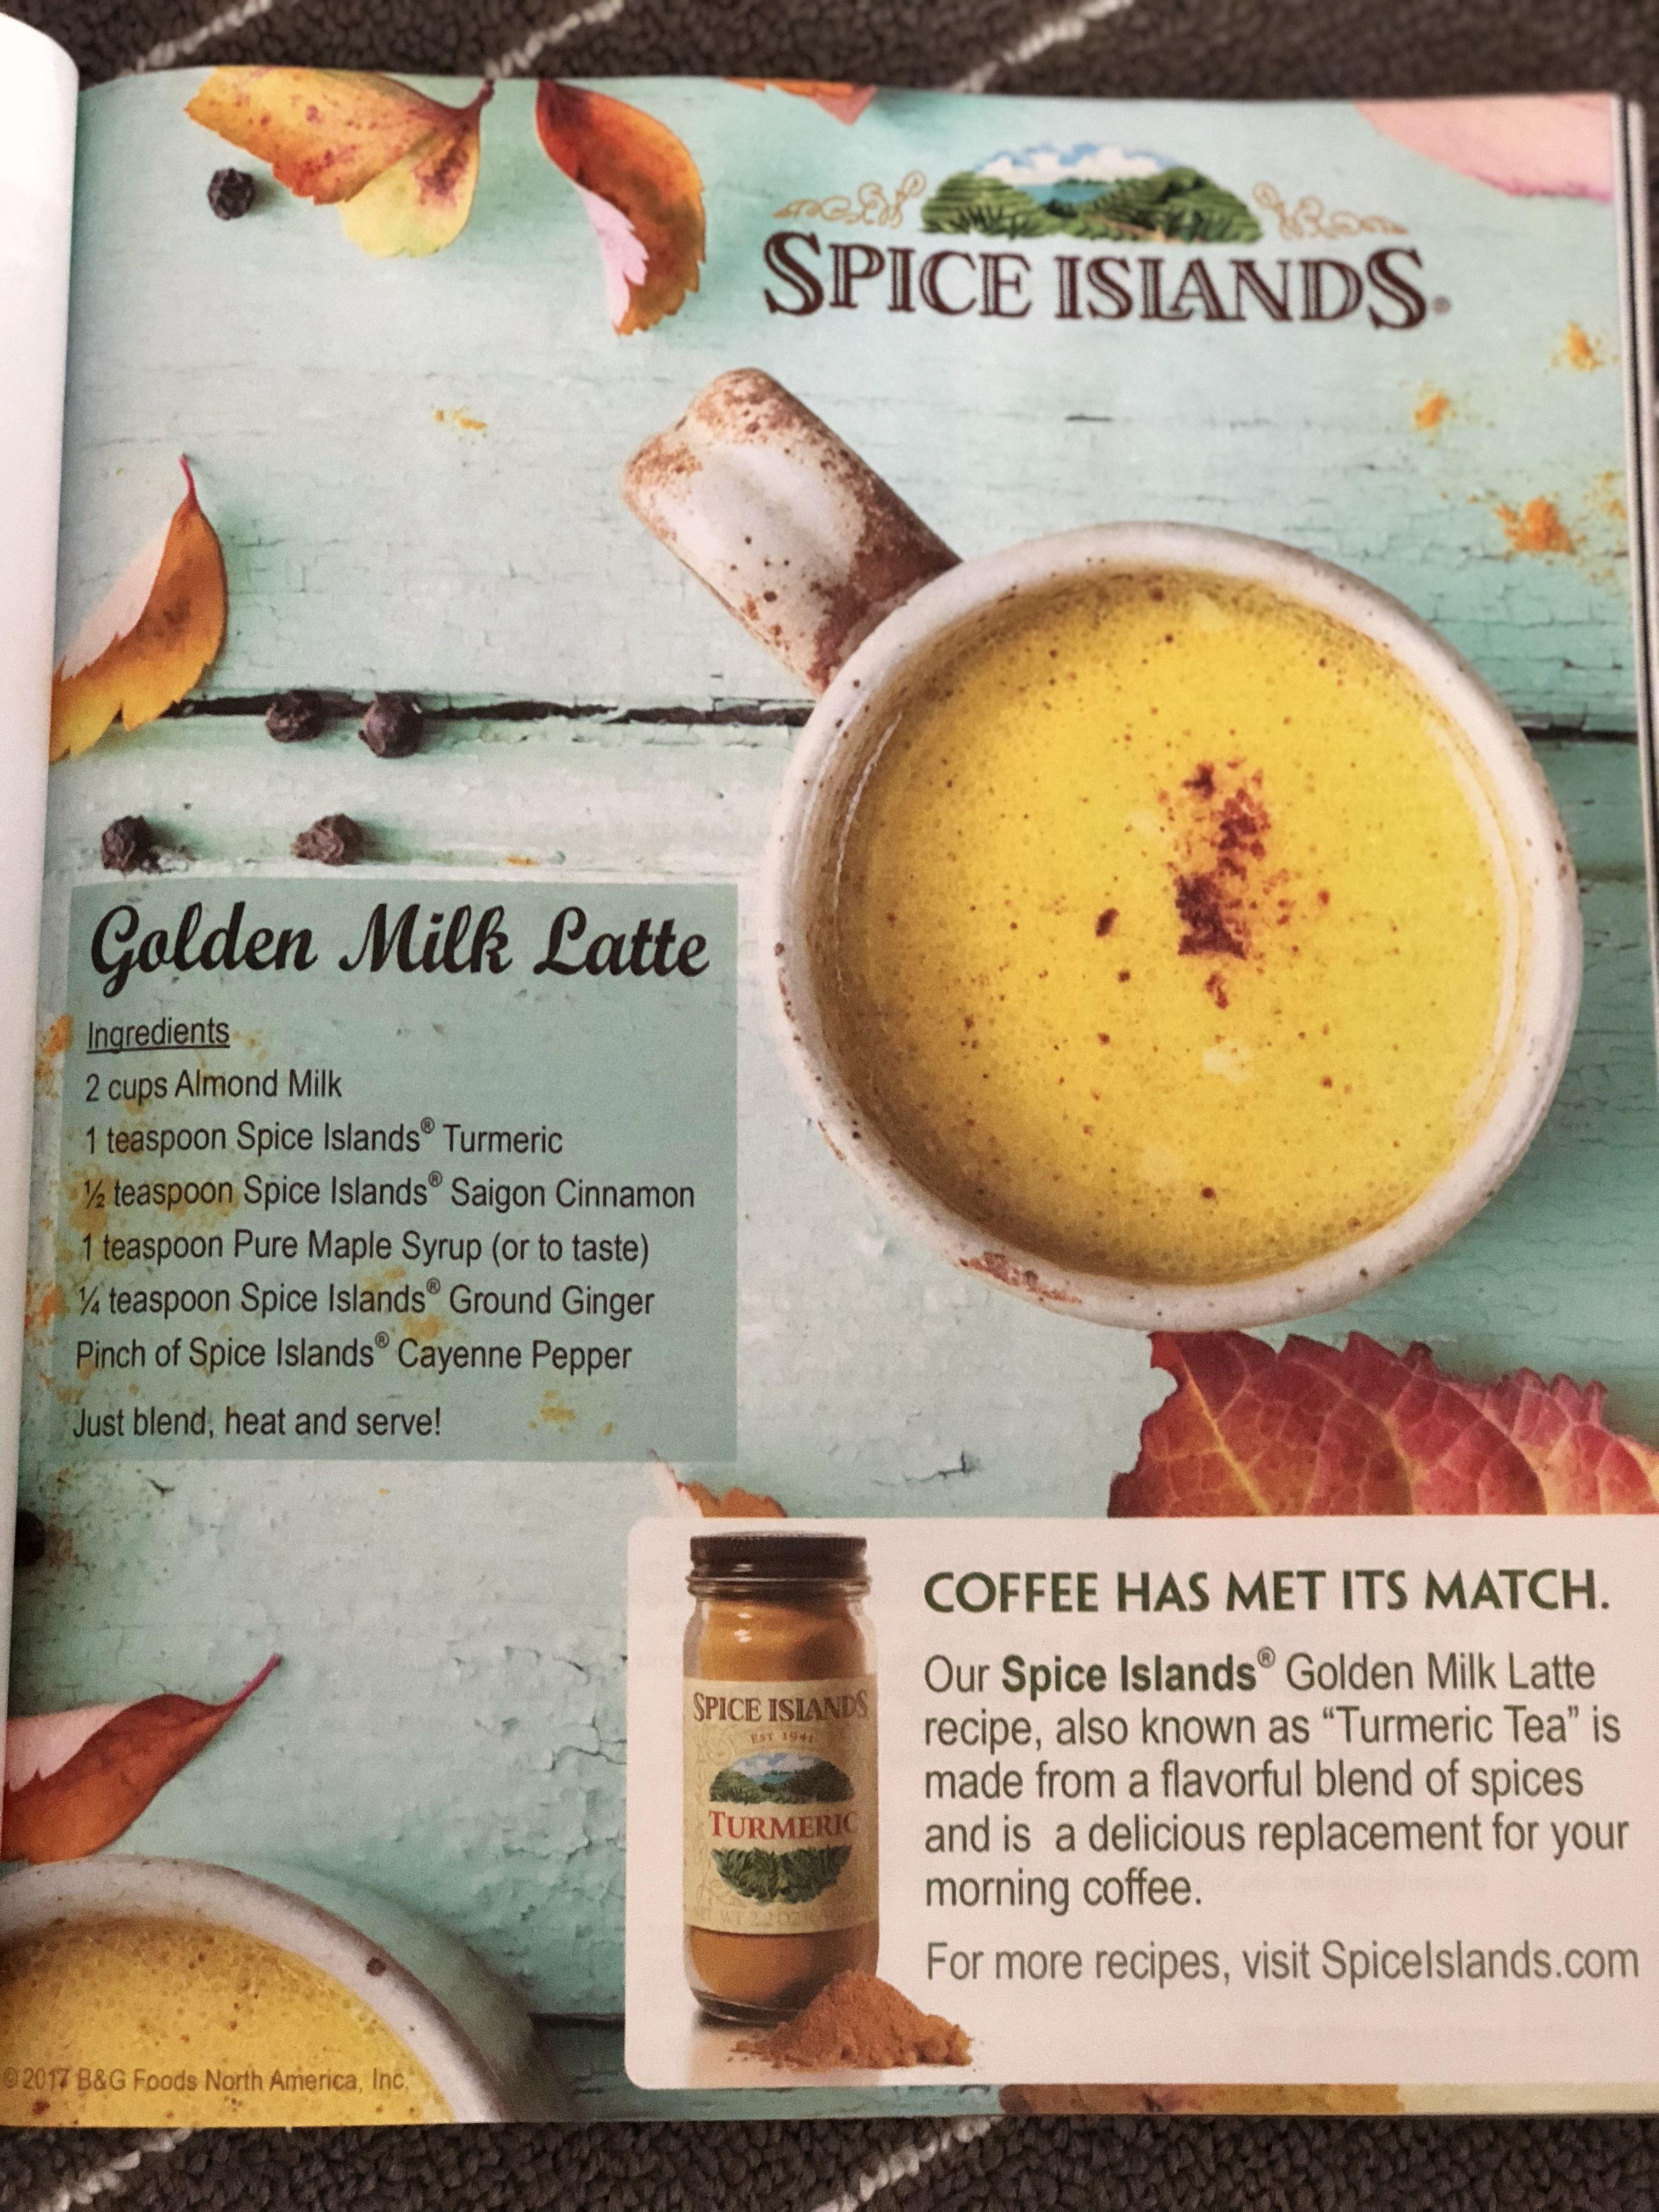 Spice Islands Golden Milk Latte Golden Milk Latte Milk Ingredients Golden Milk Recipe